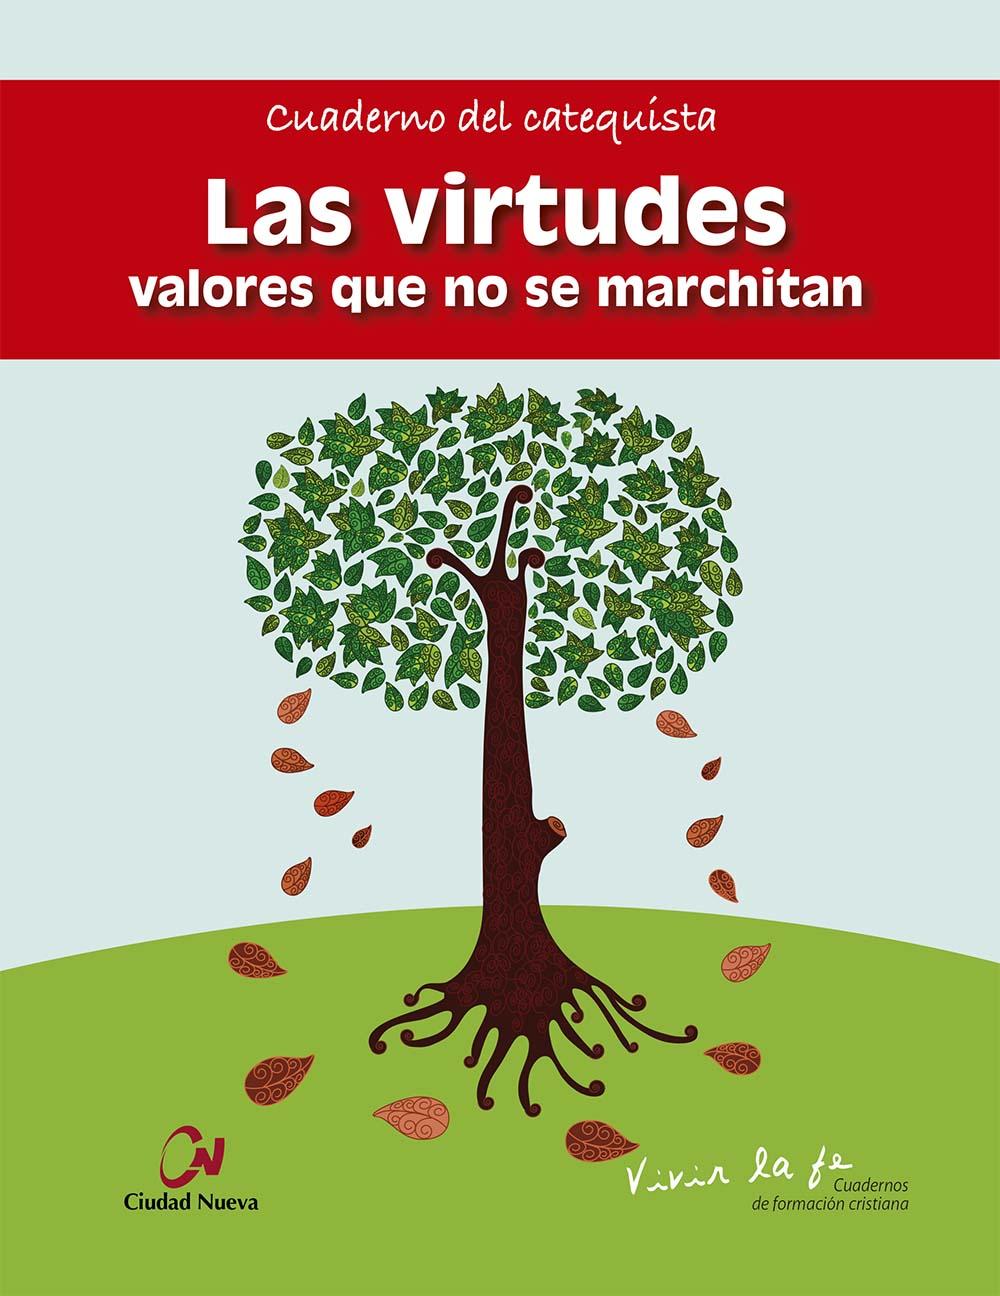 las-virtudes-valores-que-no-se-marchitan-cuaderno-del-catequista